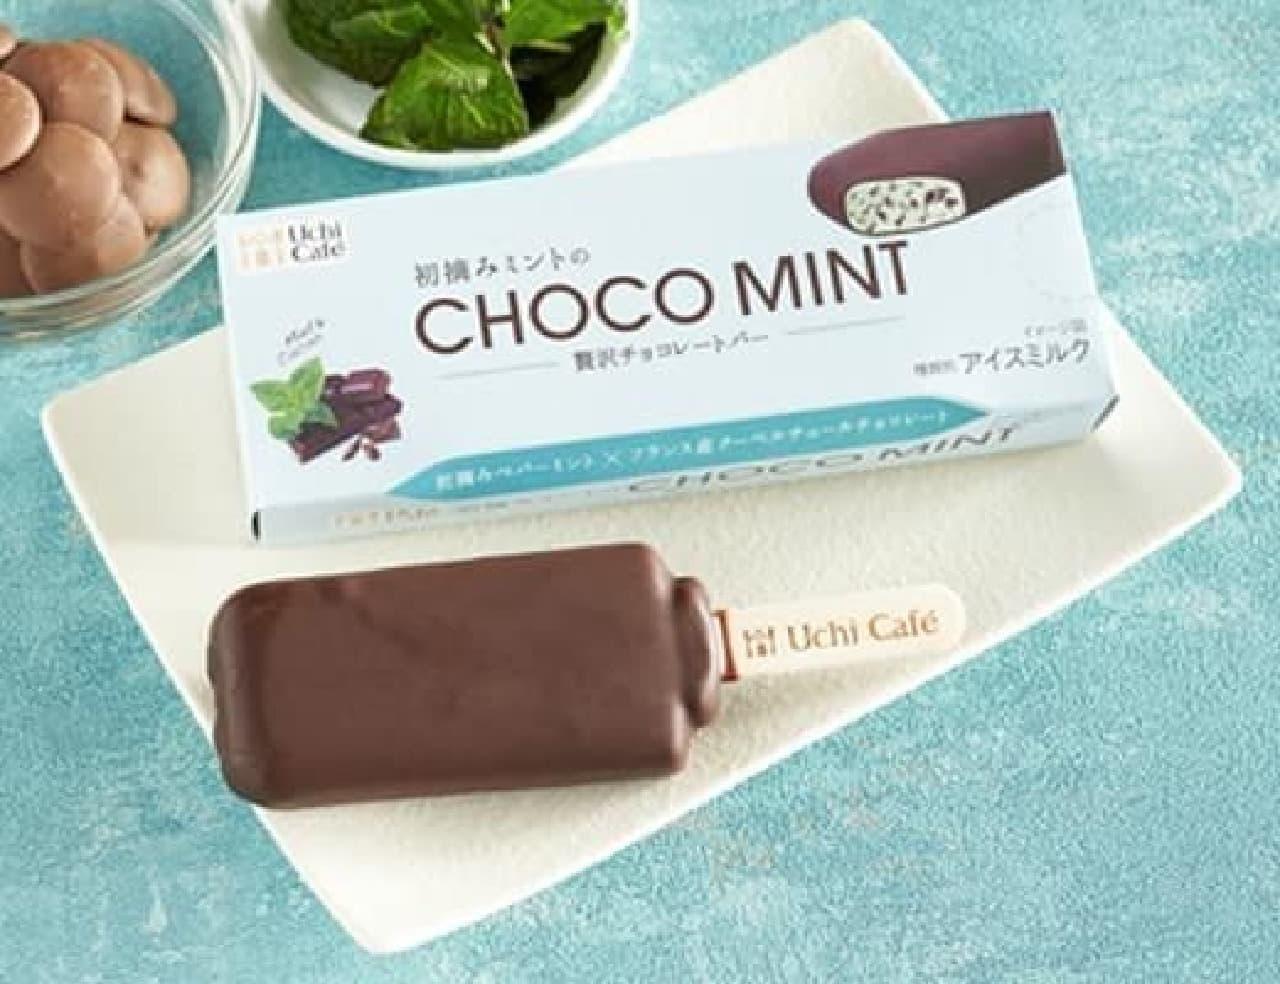 ローソン「ウチカフェ 贅沢チョコバーチョコミント 70ml」